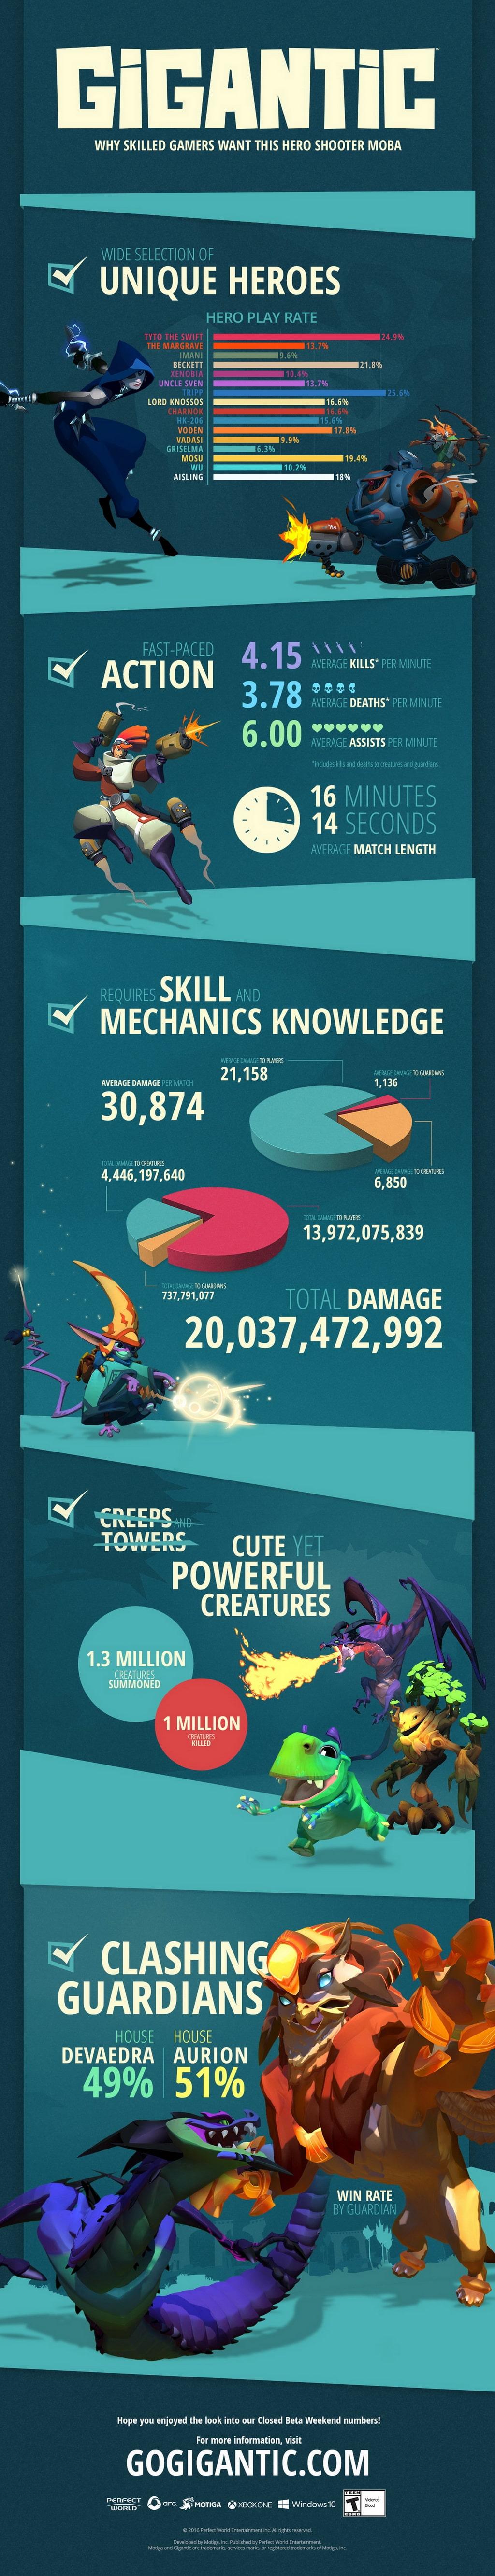 第三人稱線上射擊遊戲《巨獸》於 12 月 8 日北美、歐洲展開公測《Gigantic》